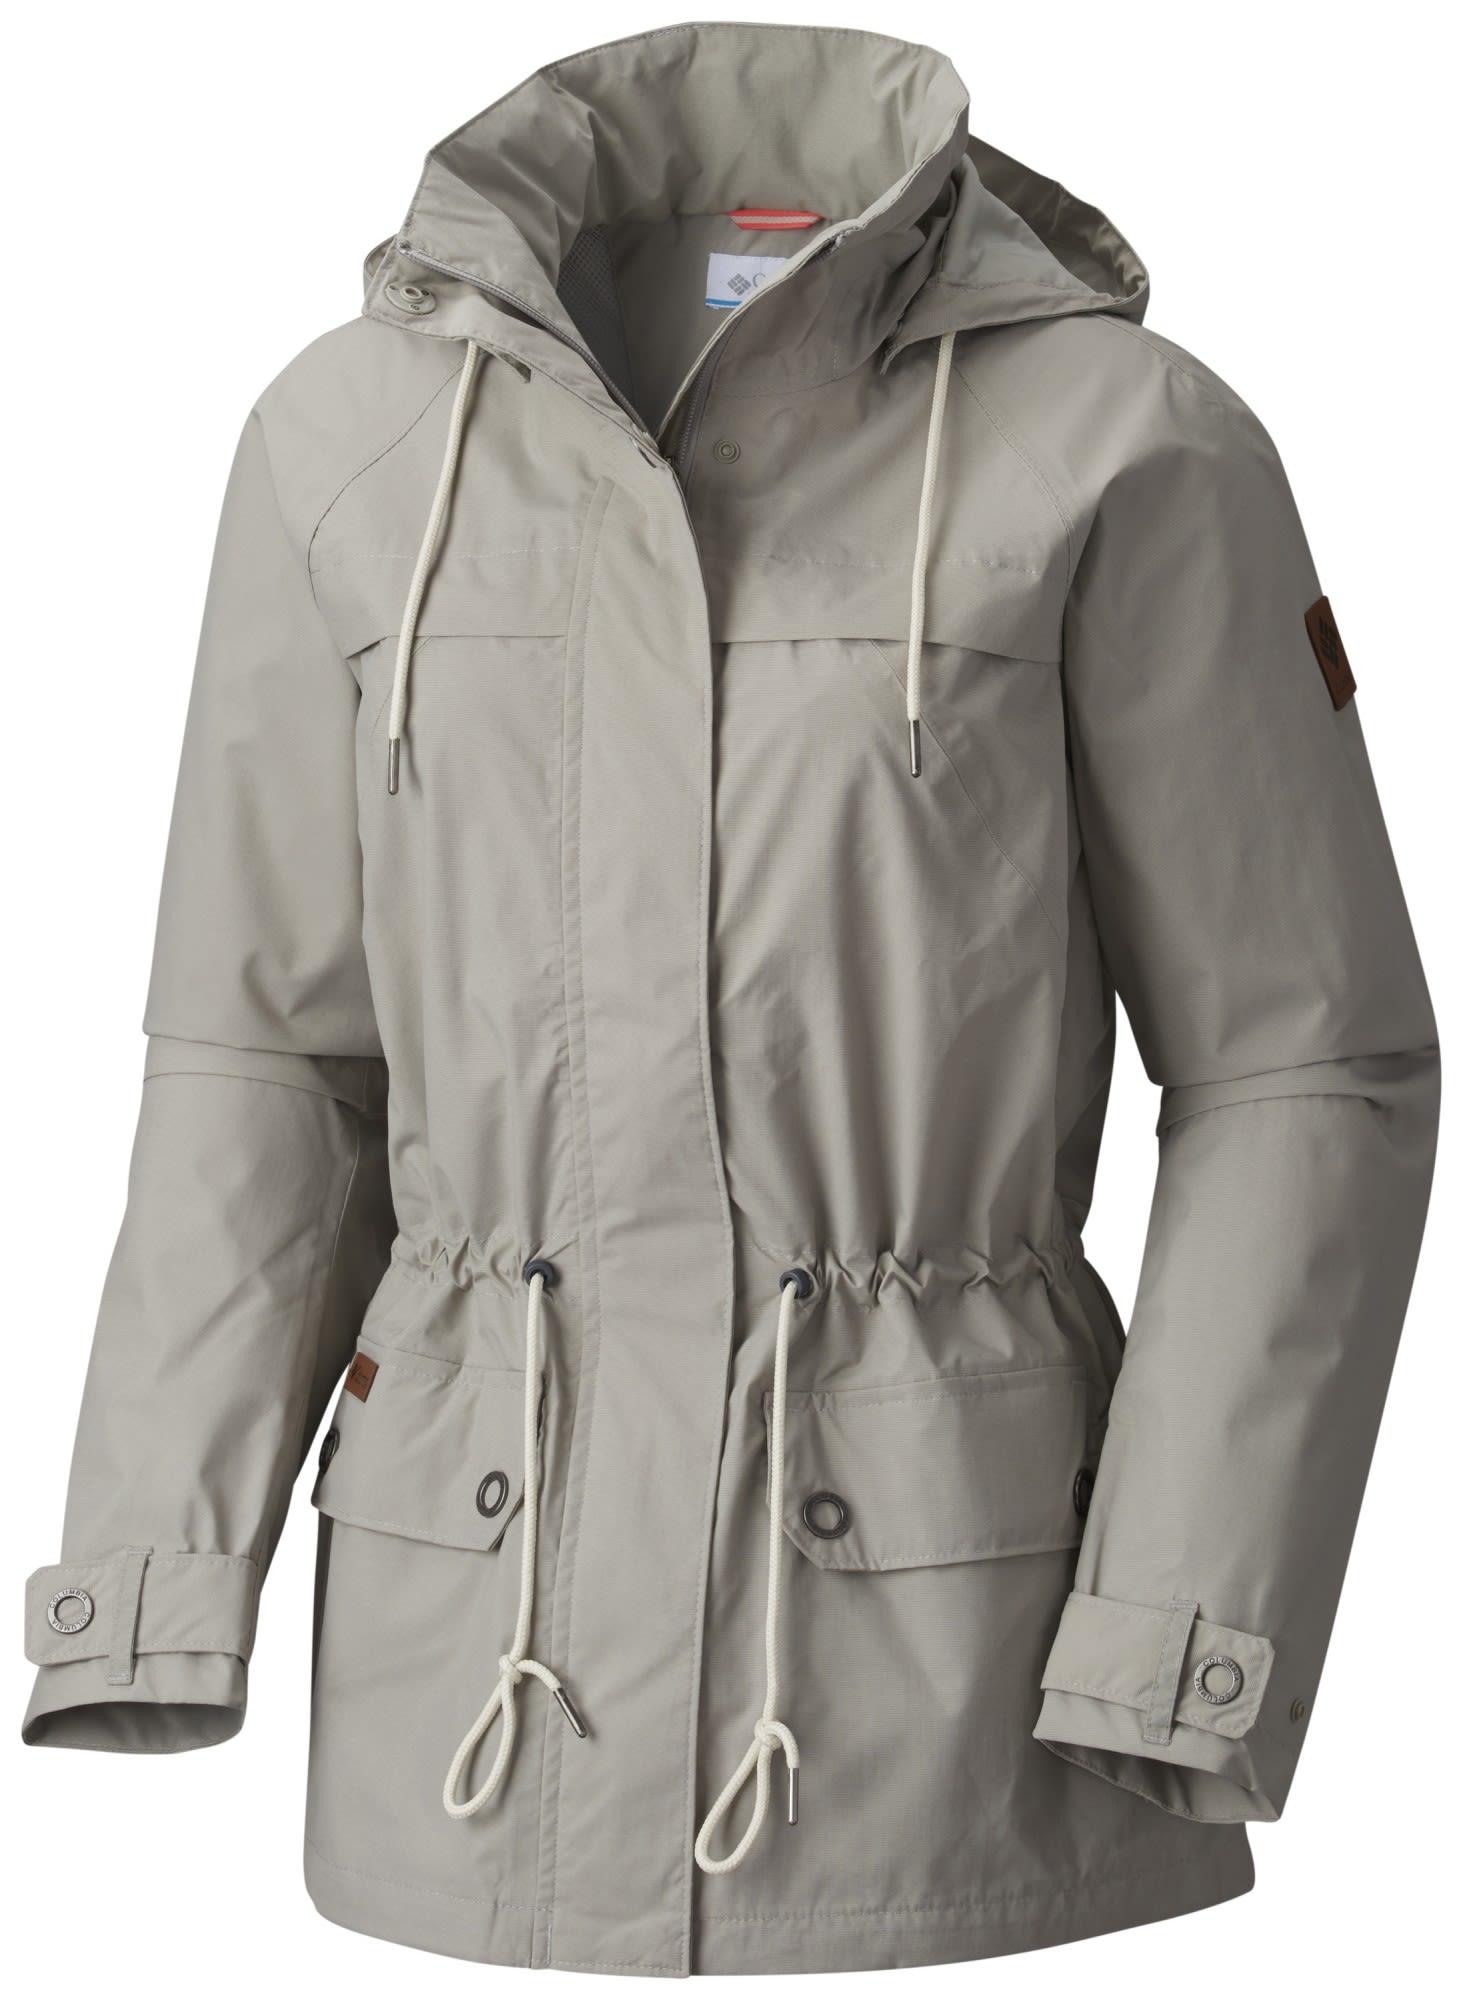 Columbia Remoteness Jacket Grau, Female Freizeitjacke, M